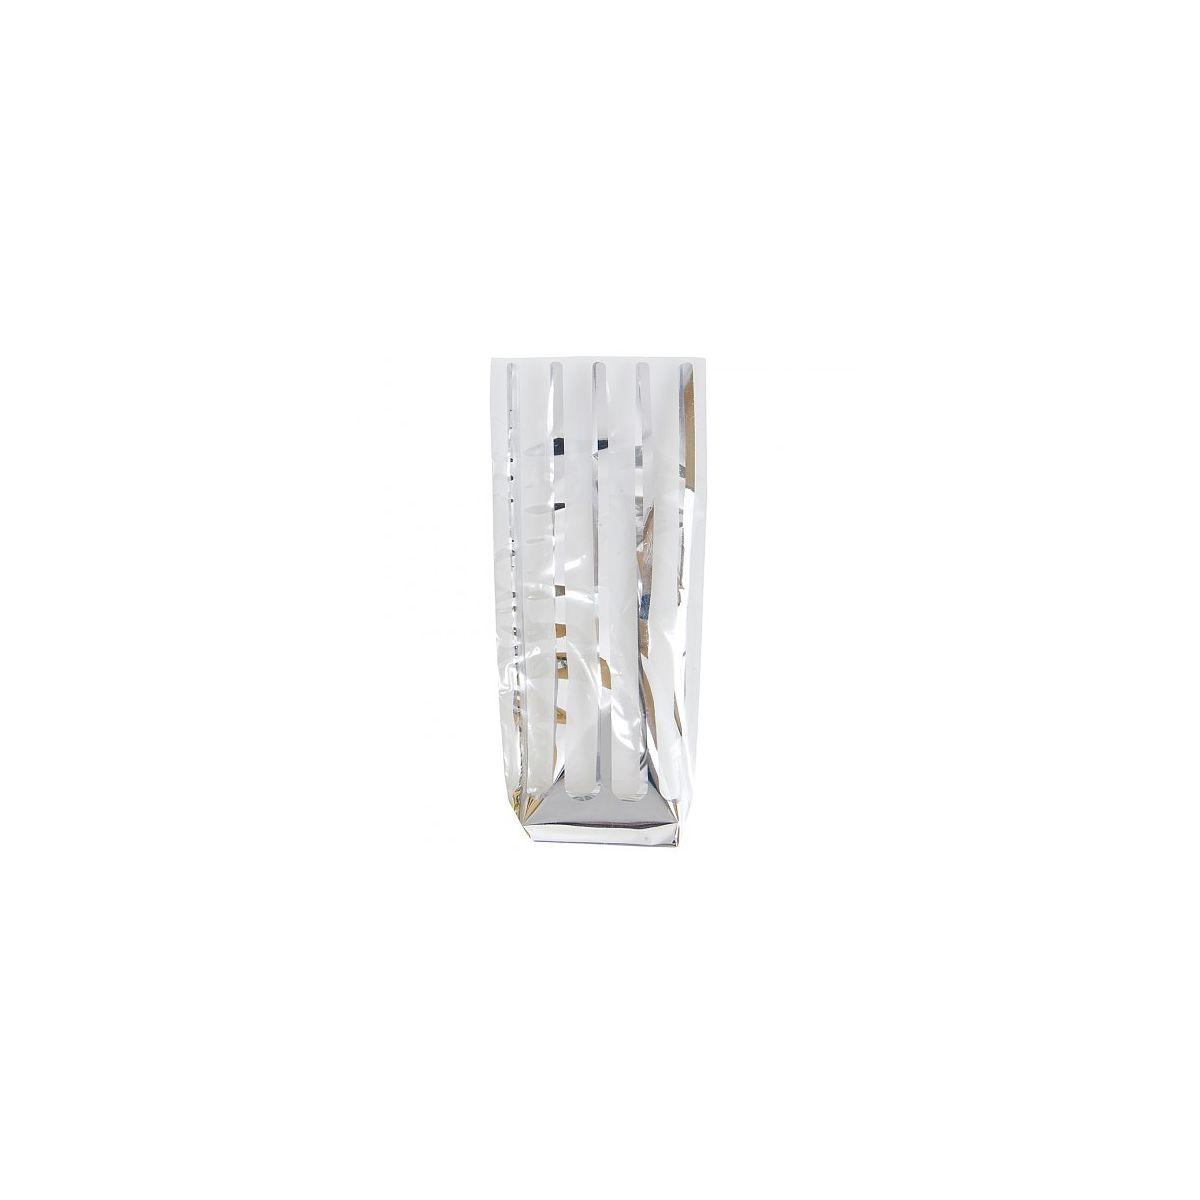 2e5df131a Saqueta de Celofane Transparente com Riscas Prateadas 140x305mm 100un